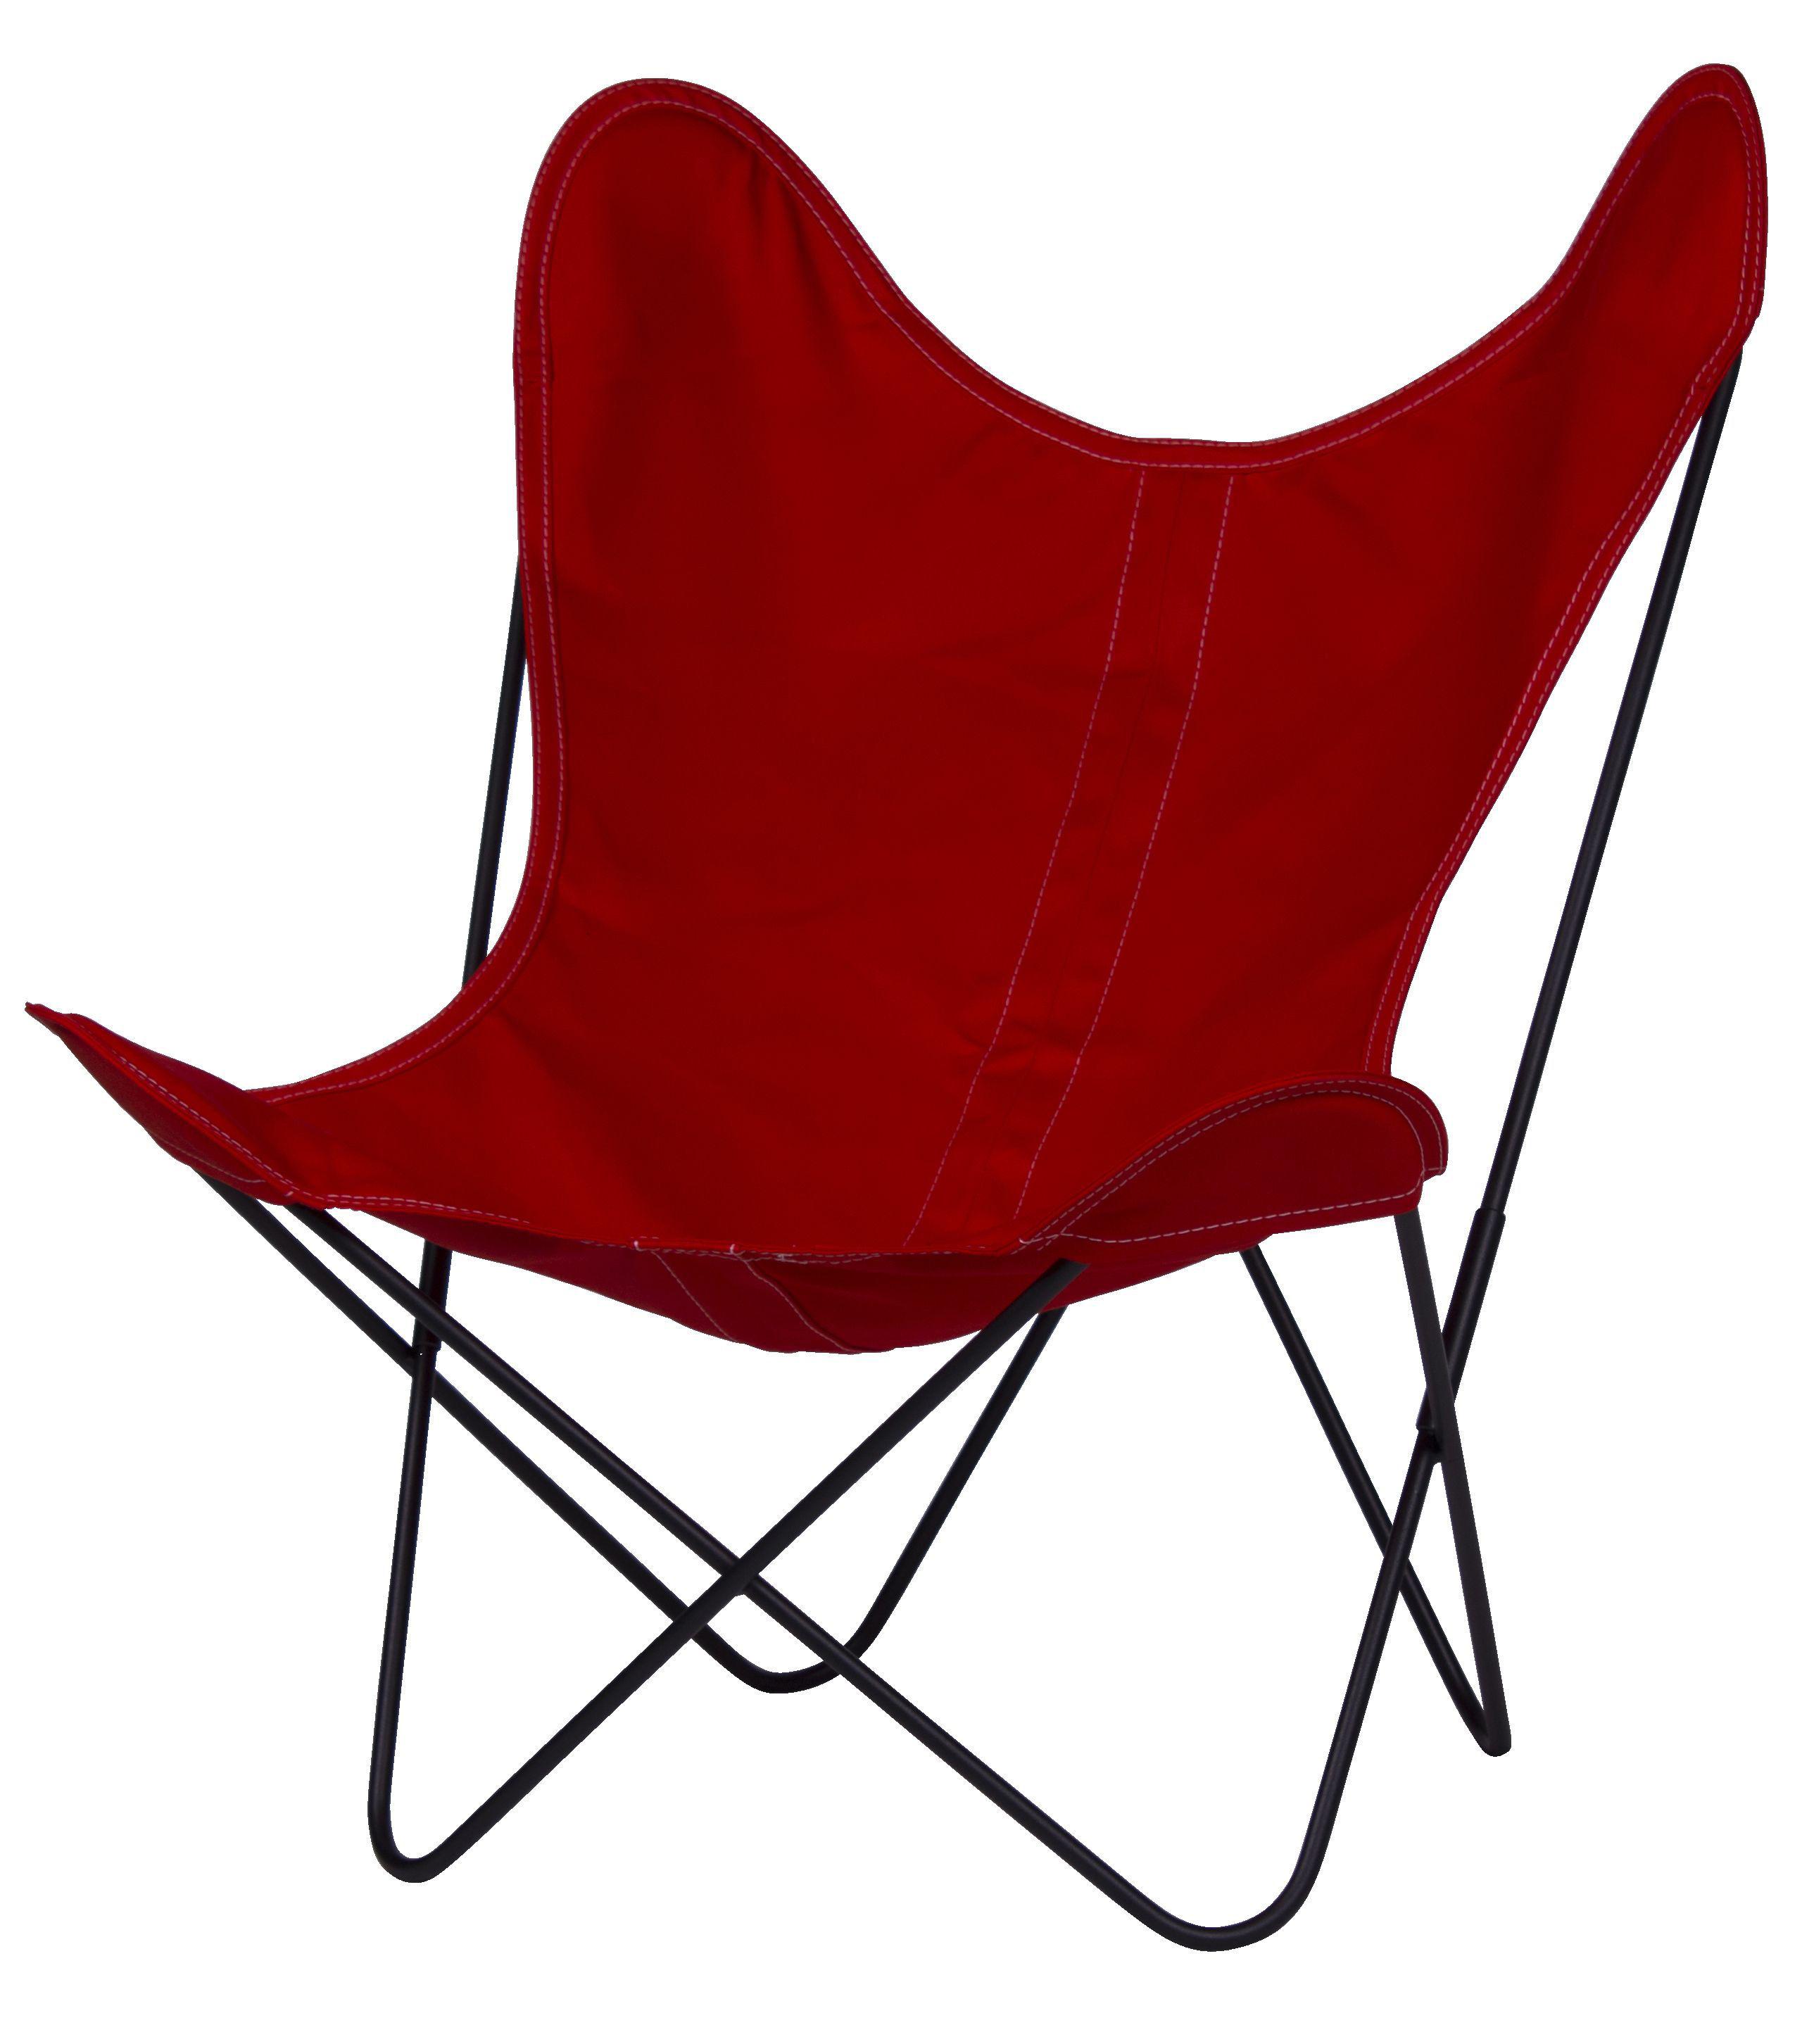 Möbel - Lounge Sessel - AA Butterfly Sessel Stoffbezug / Gestell schwarz - AA-New Design - Gestell schwarz / Bezug Kirsche - lackierter Stahl, Leinen